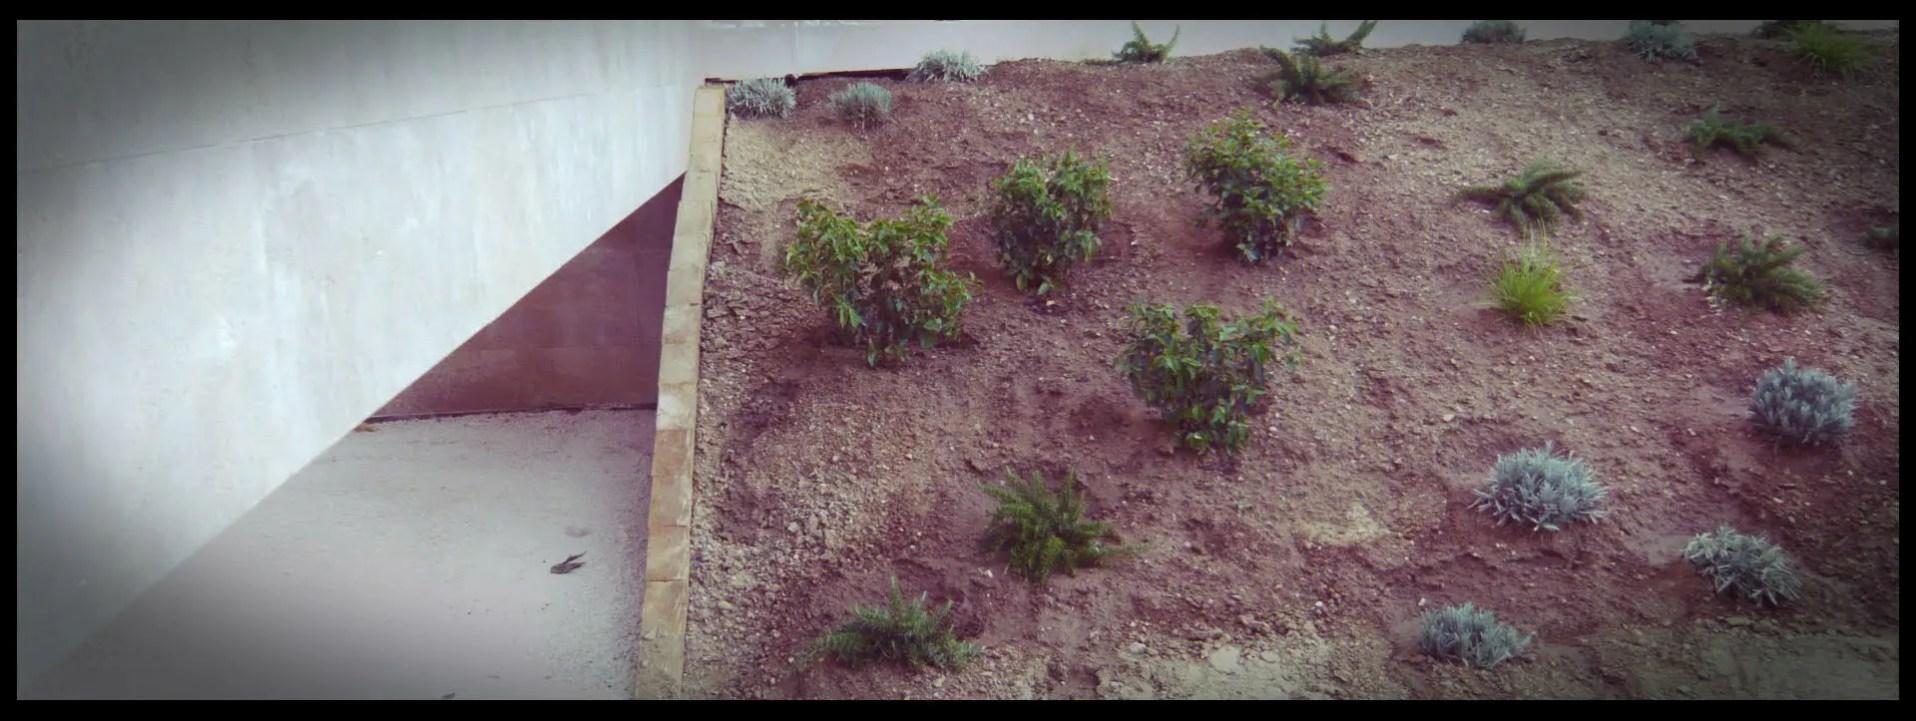 plantación talud jardín aravaca